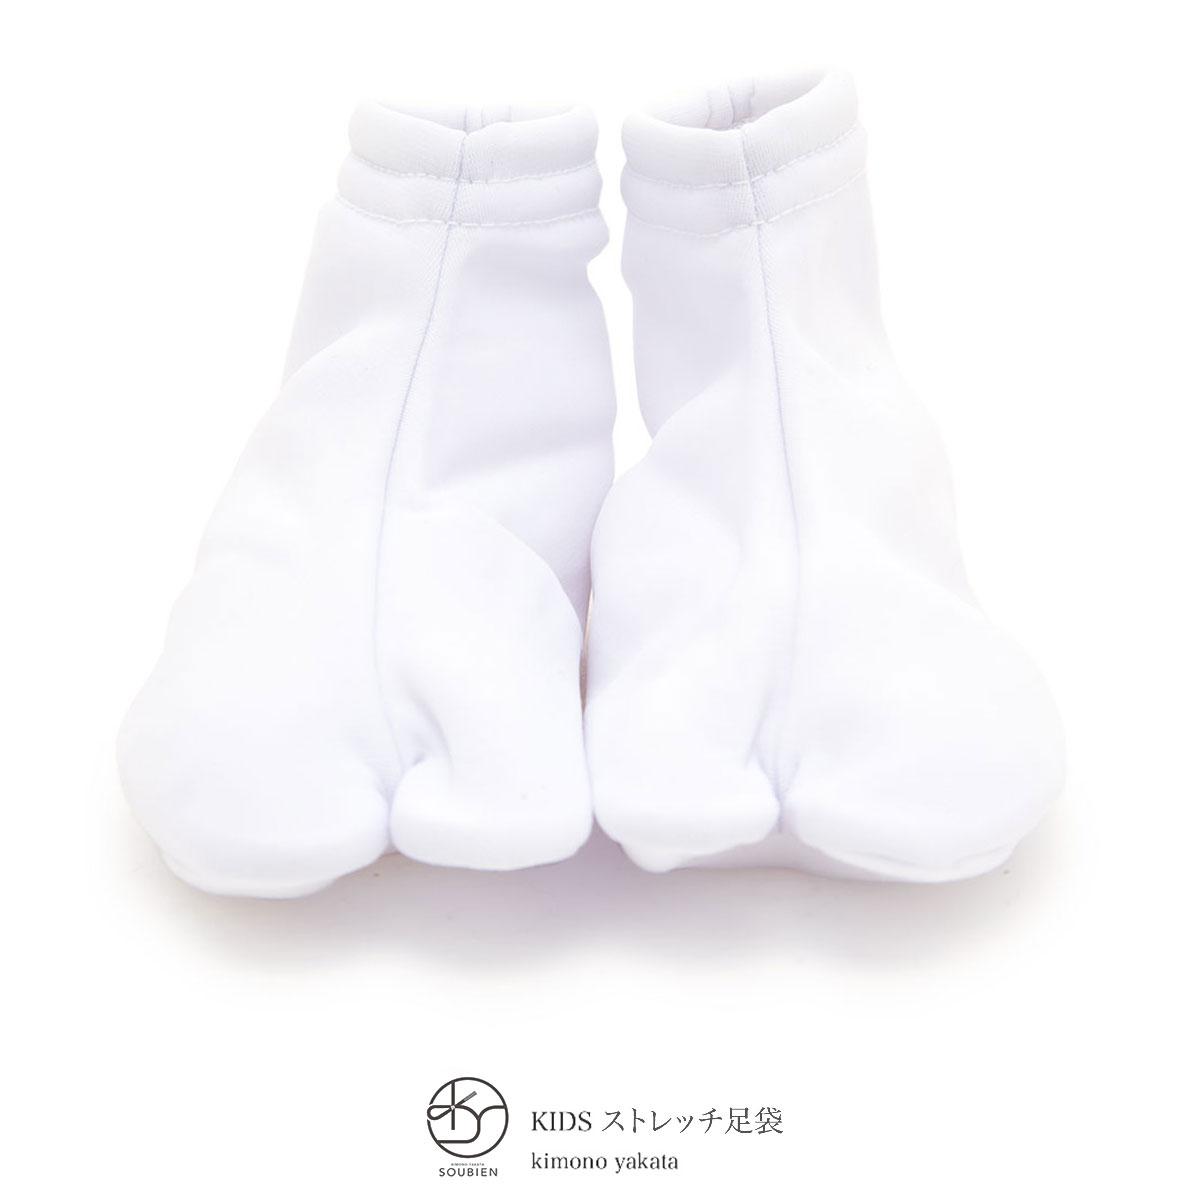 お子様の晴れの日におすすめなストレッチ足袋